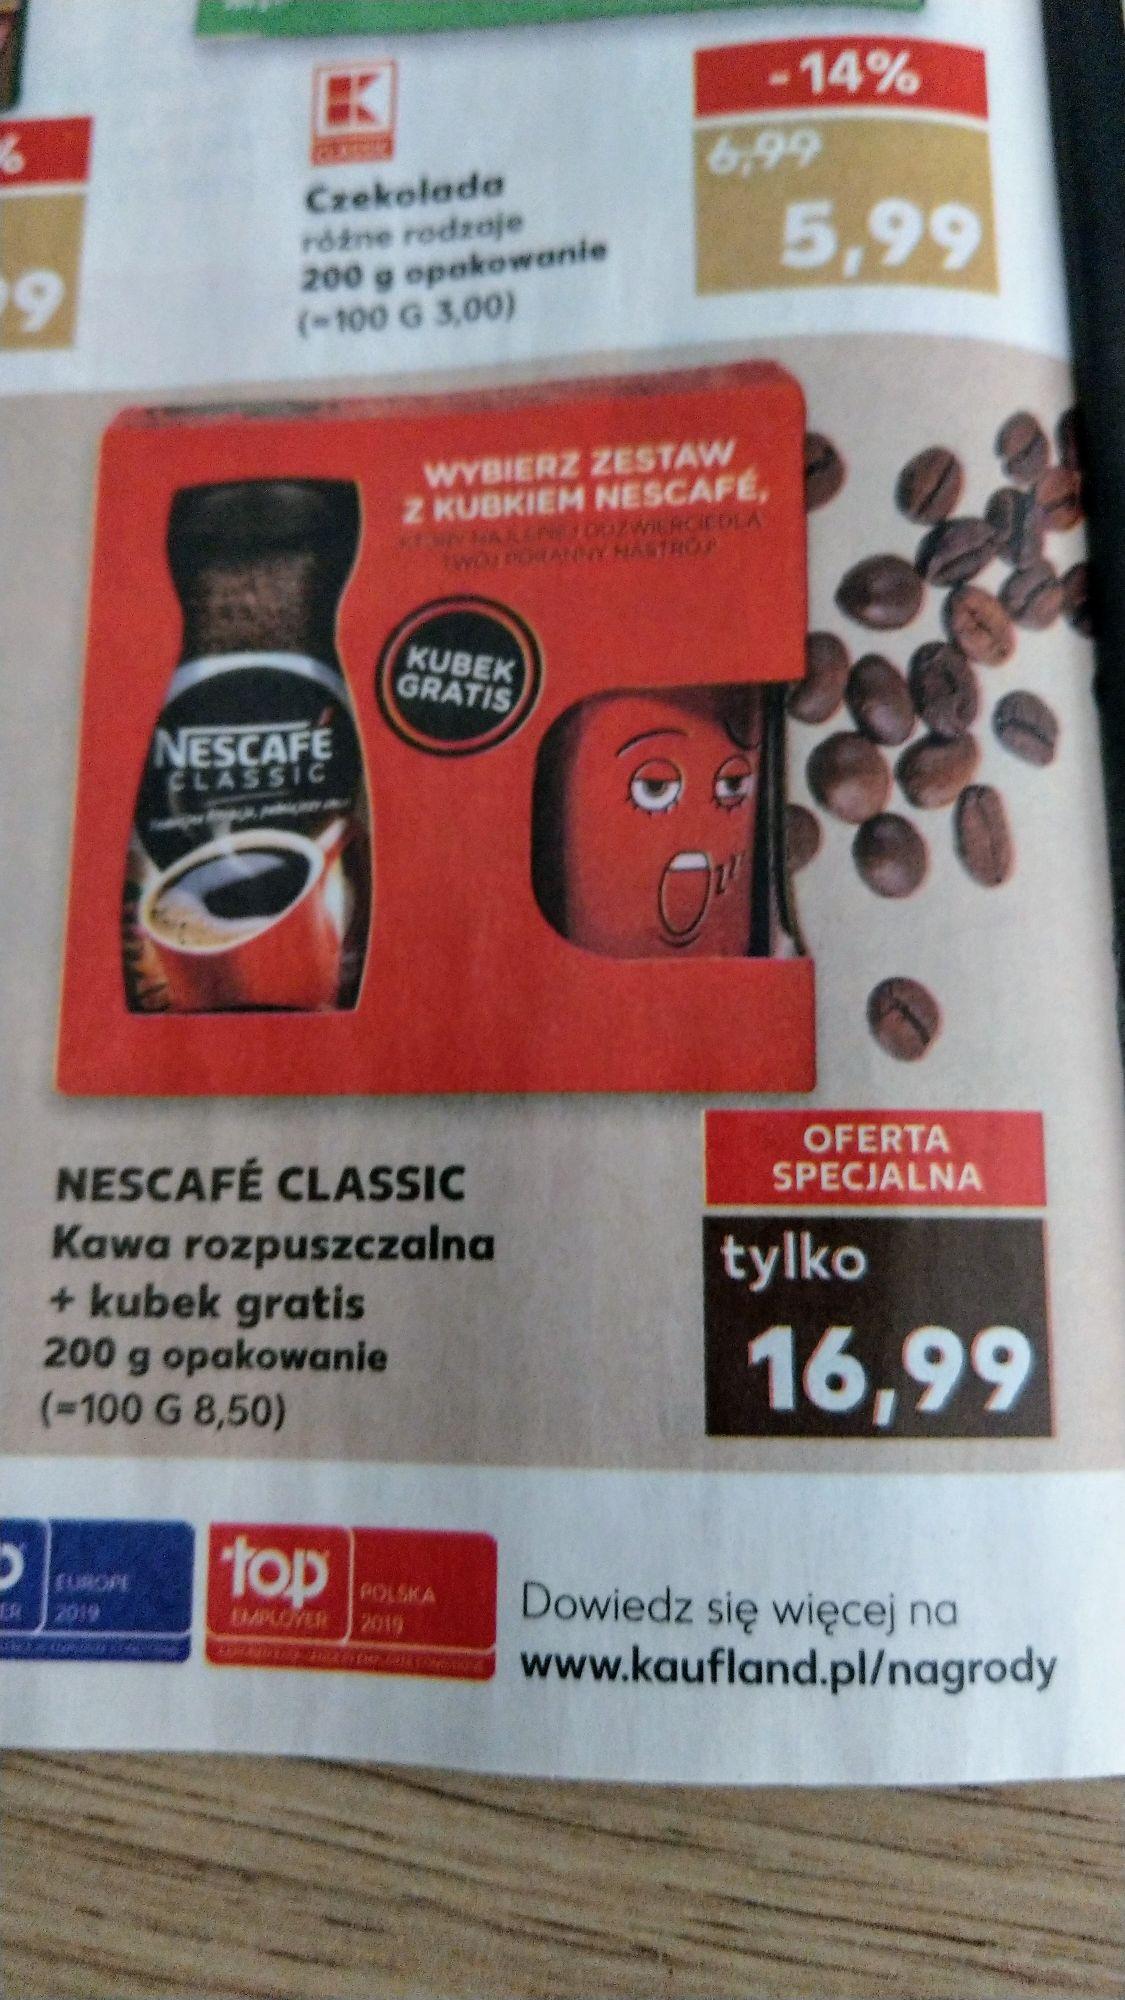 Kawa rozpuszczalna Nescafe Classic + kubek - Kaufland